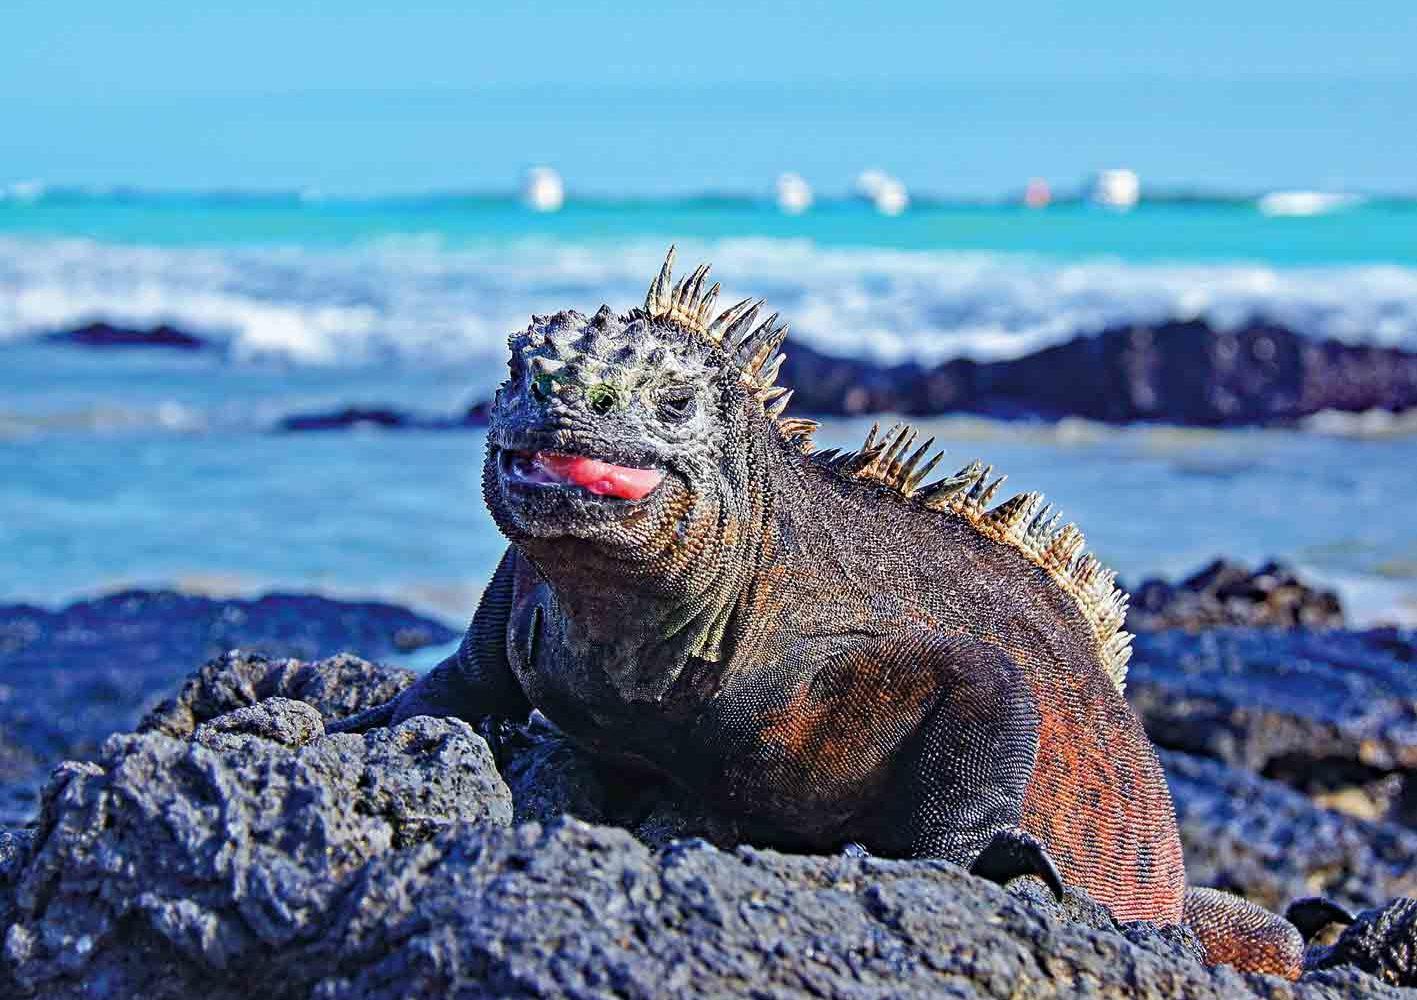 Der Tierwelt auf Galápagos hautnah begegnen.